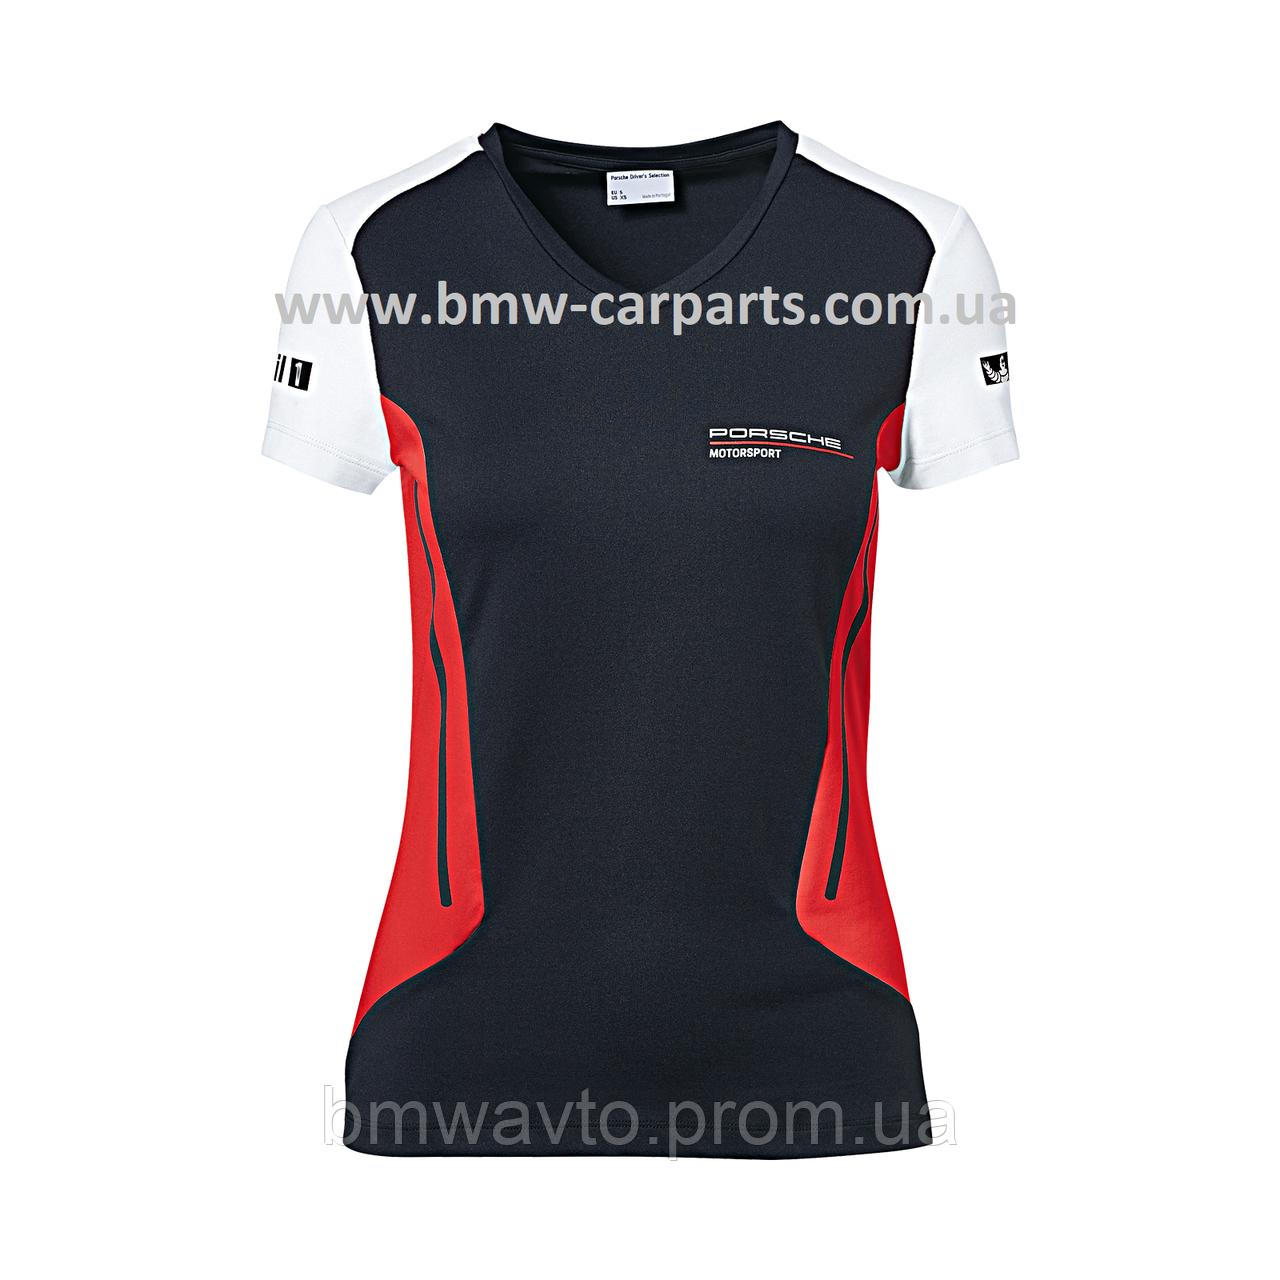 Женская футболка Porsche Women's T-shirt, Motorsport